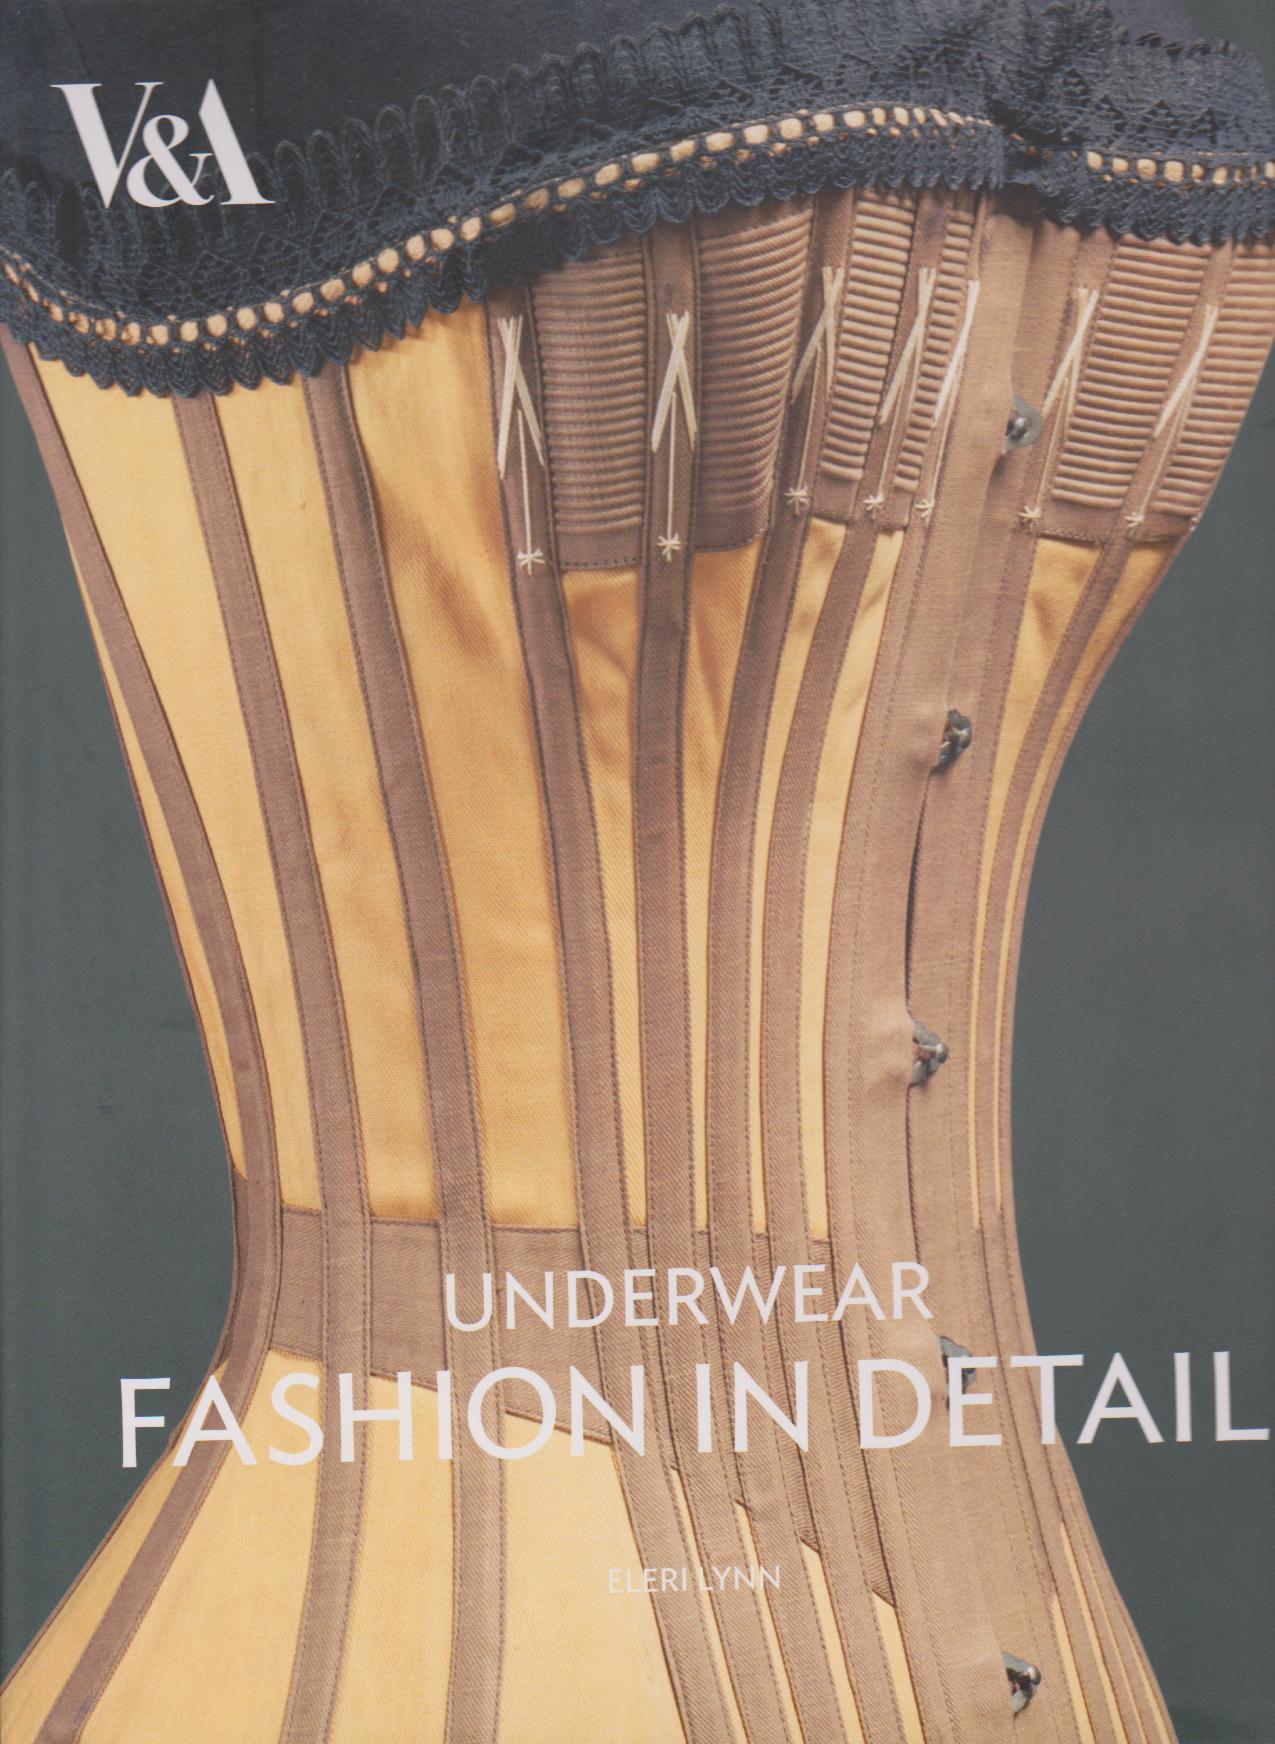 Underwear Fashion in Detail V&A - Eleri Lyn - HandBound Costumes Bibliography - Eighteenth Century Costume Bibliography - Historical Costumes - What the Georgians wore